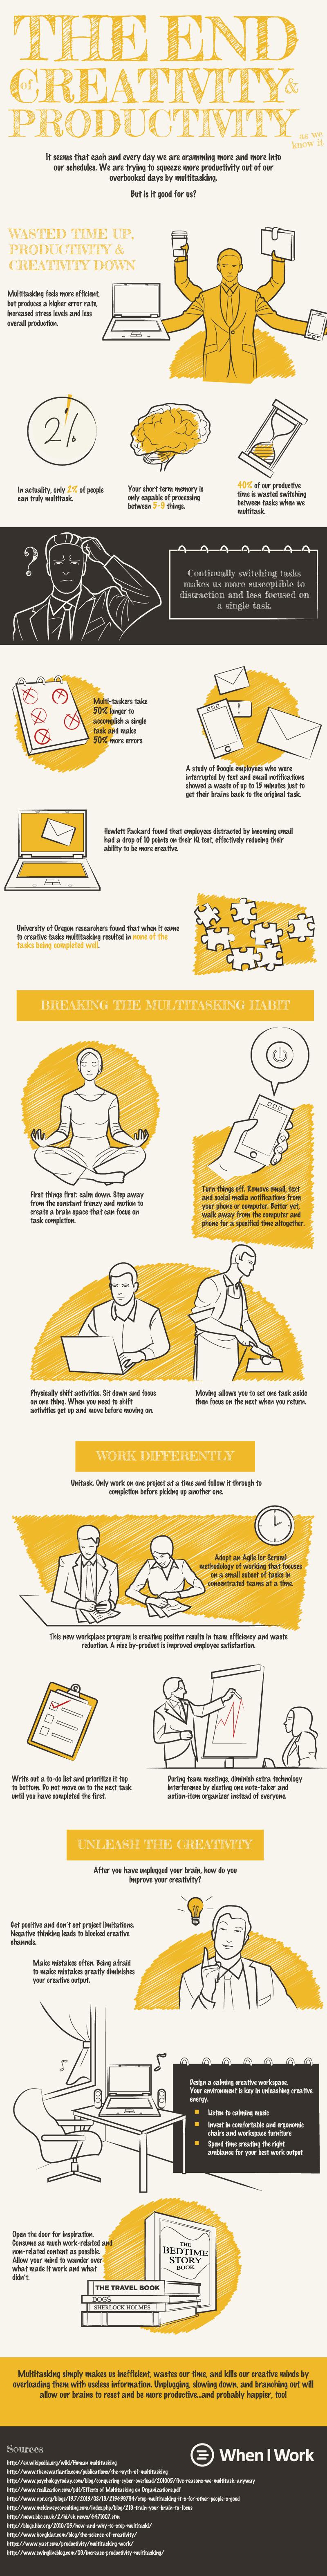 productivity single tasking